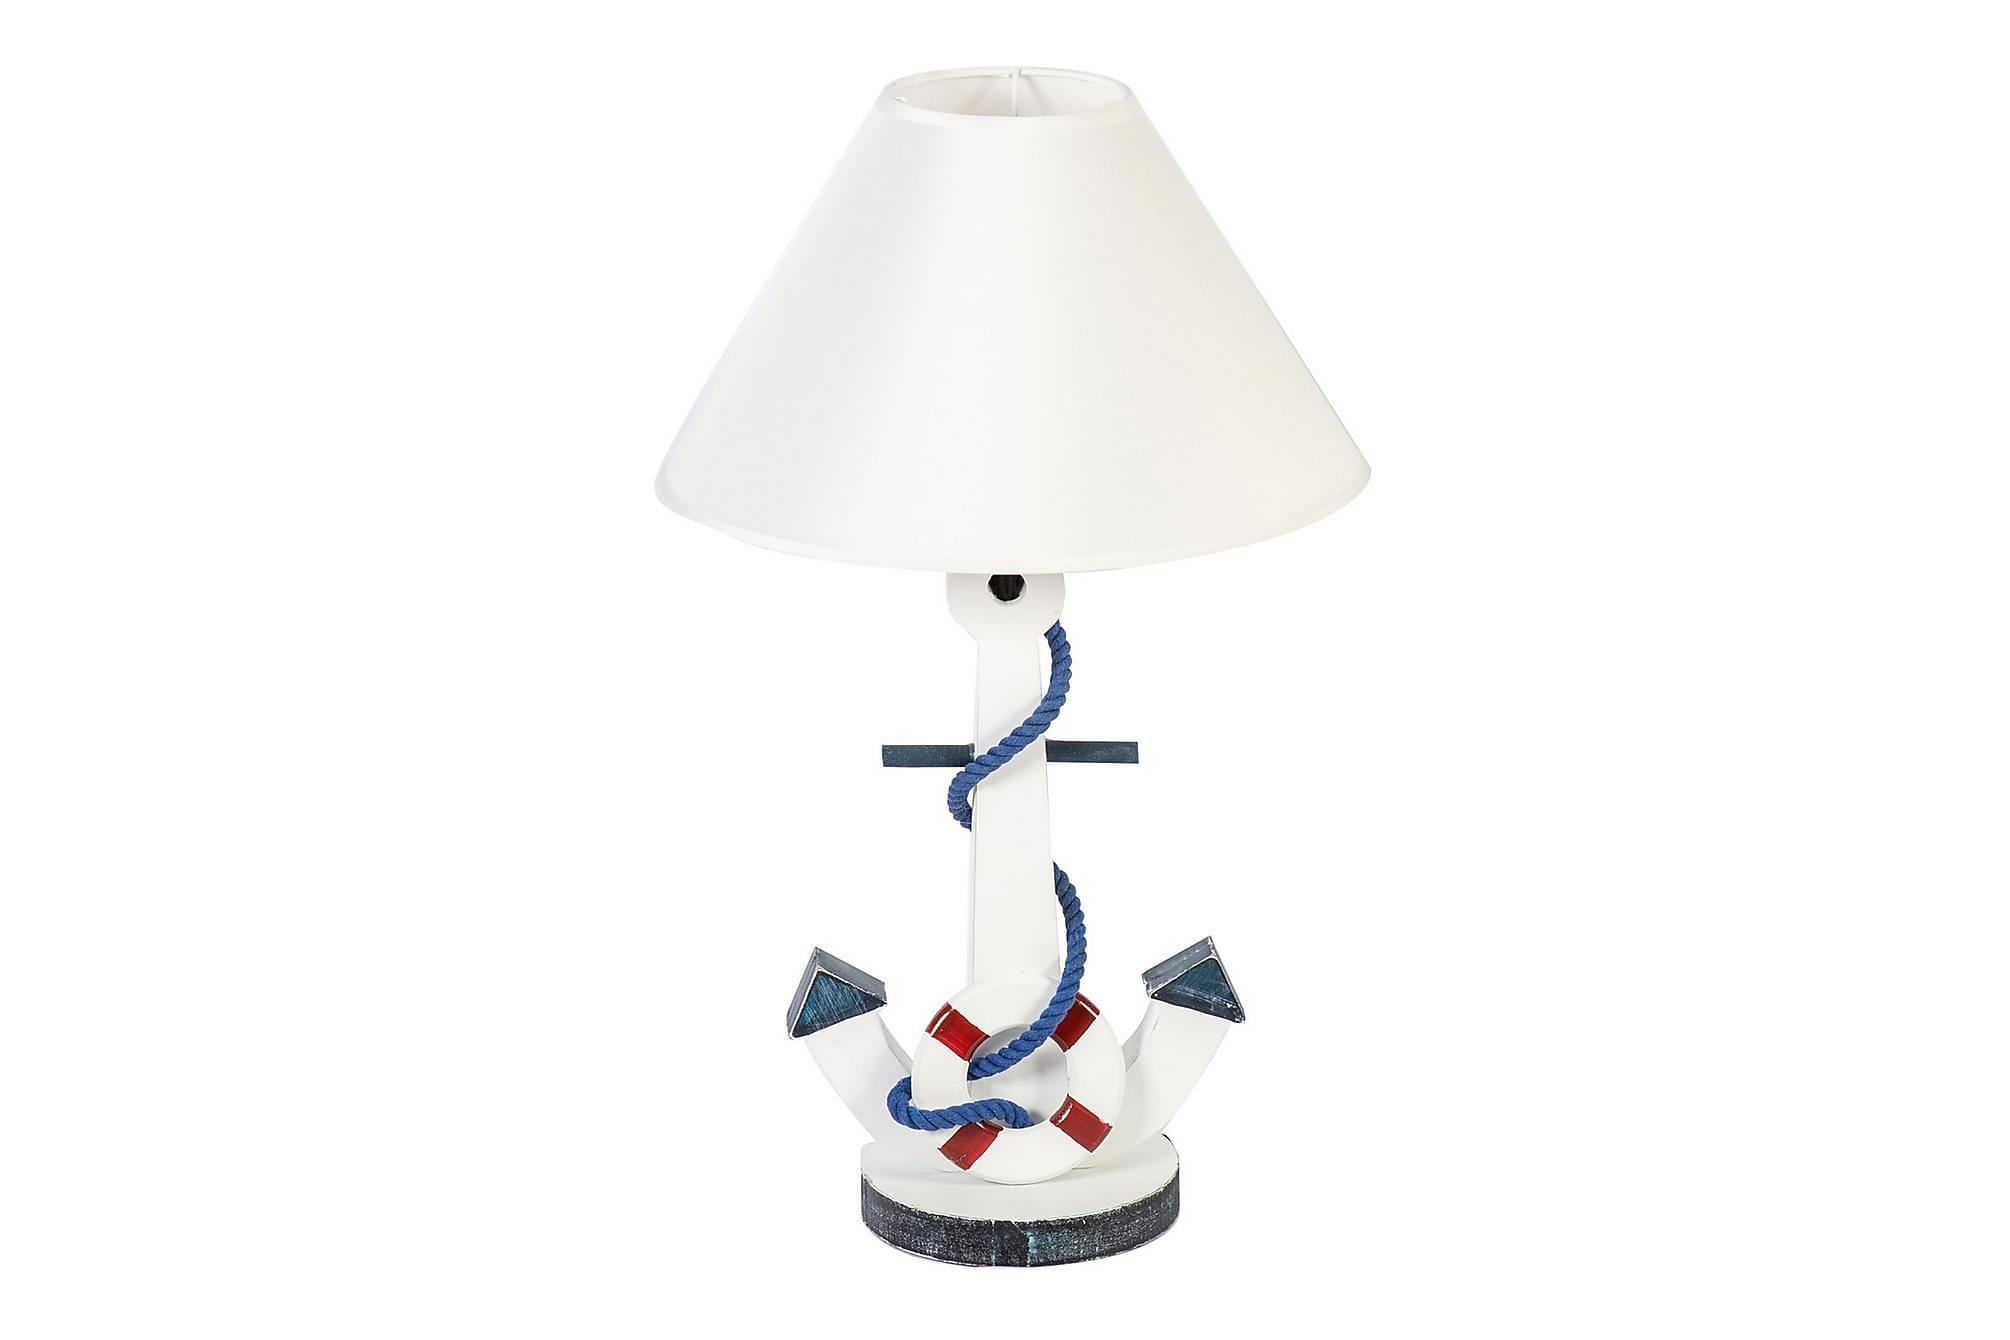 Bordslampa STRANDHUS H60cm, Bordslampor